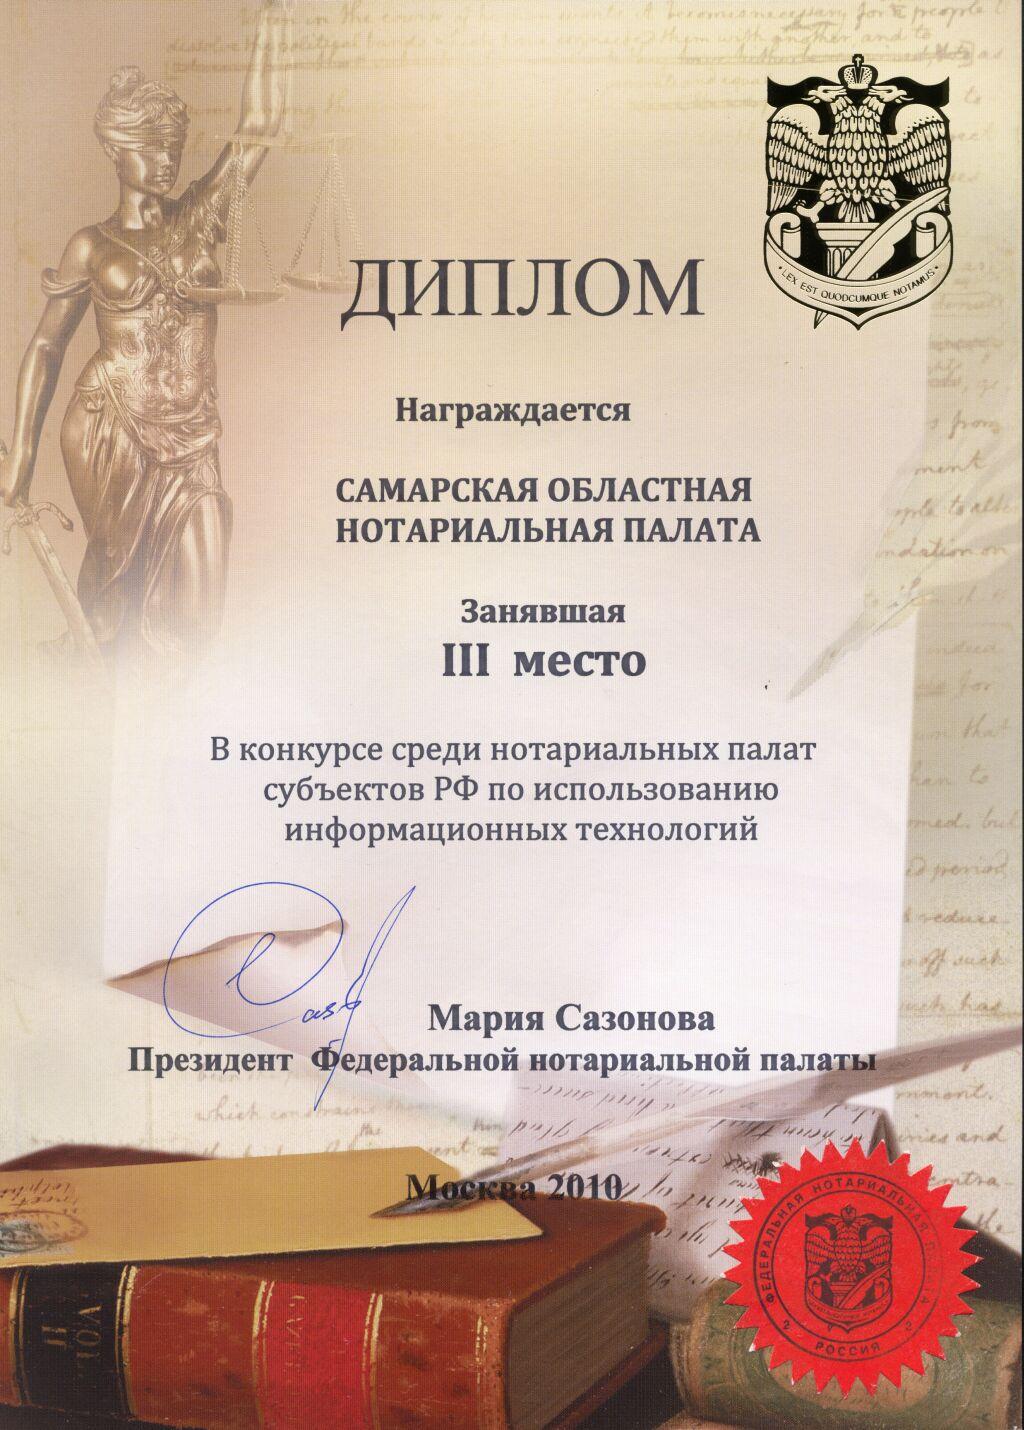 Результаты конкурса по информационным  технологиям среди Нотариальных Палат субъектов РФ в 2009г.